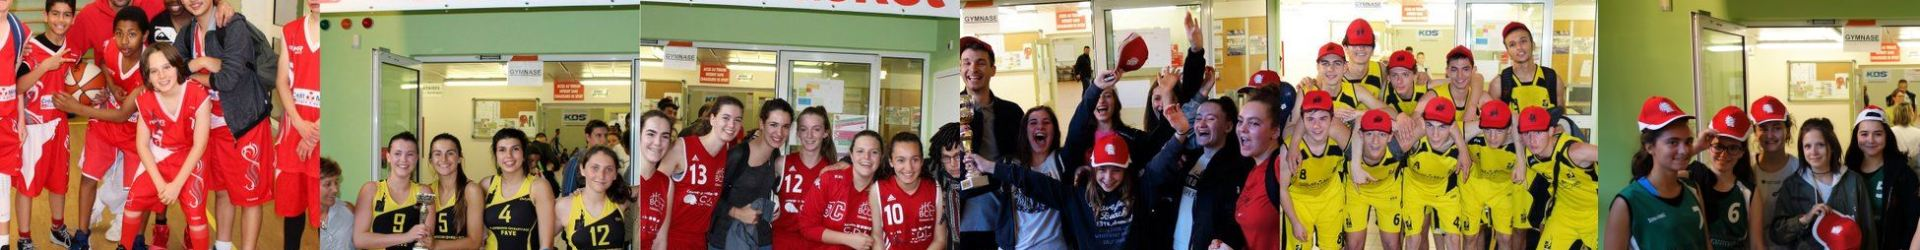 Tournoi U13 / U15 / U17 : les photos